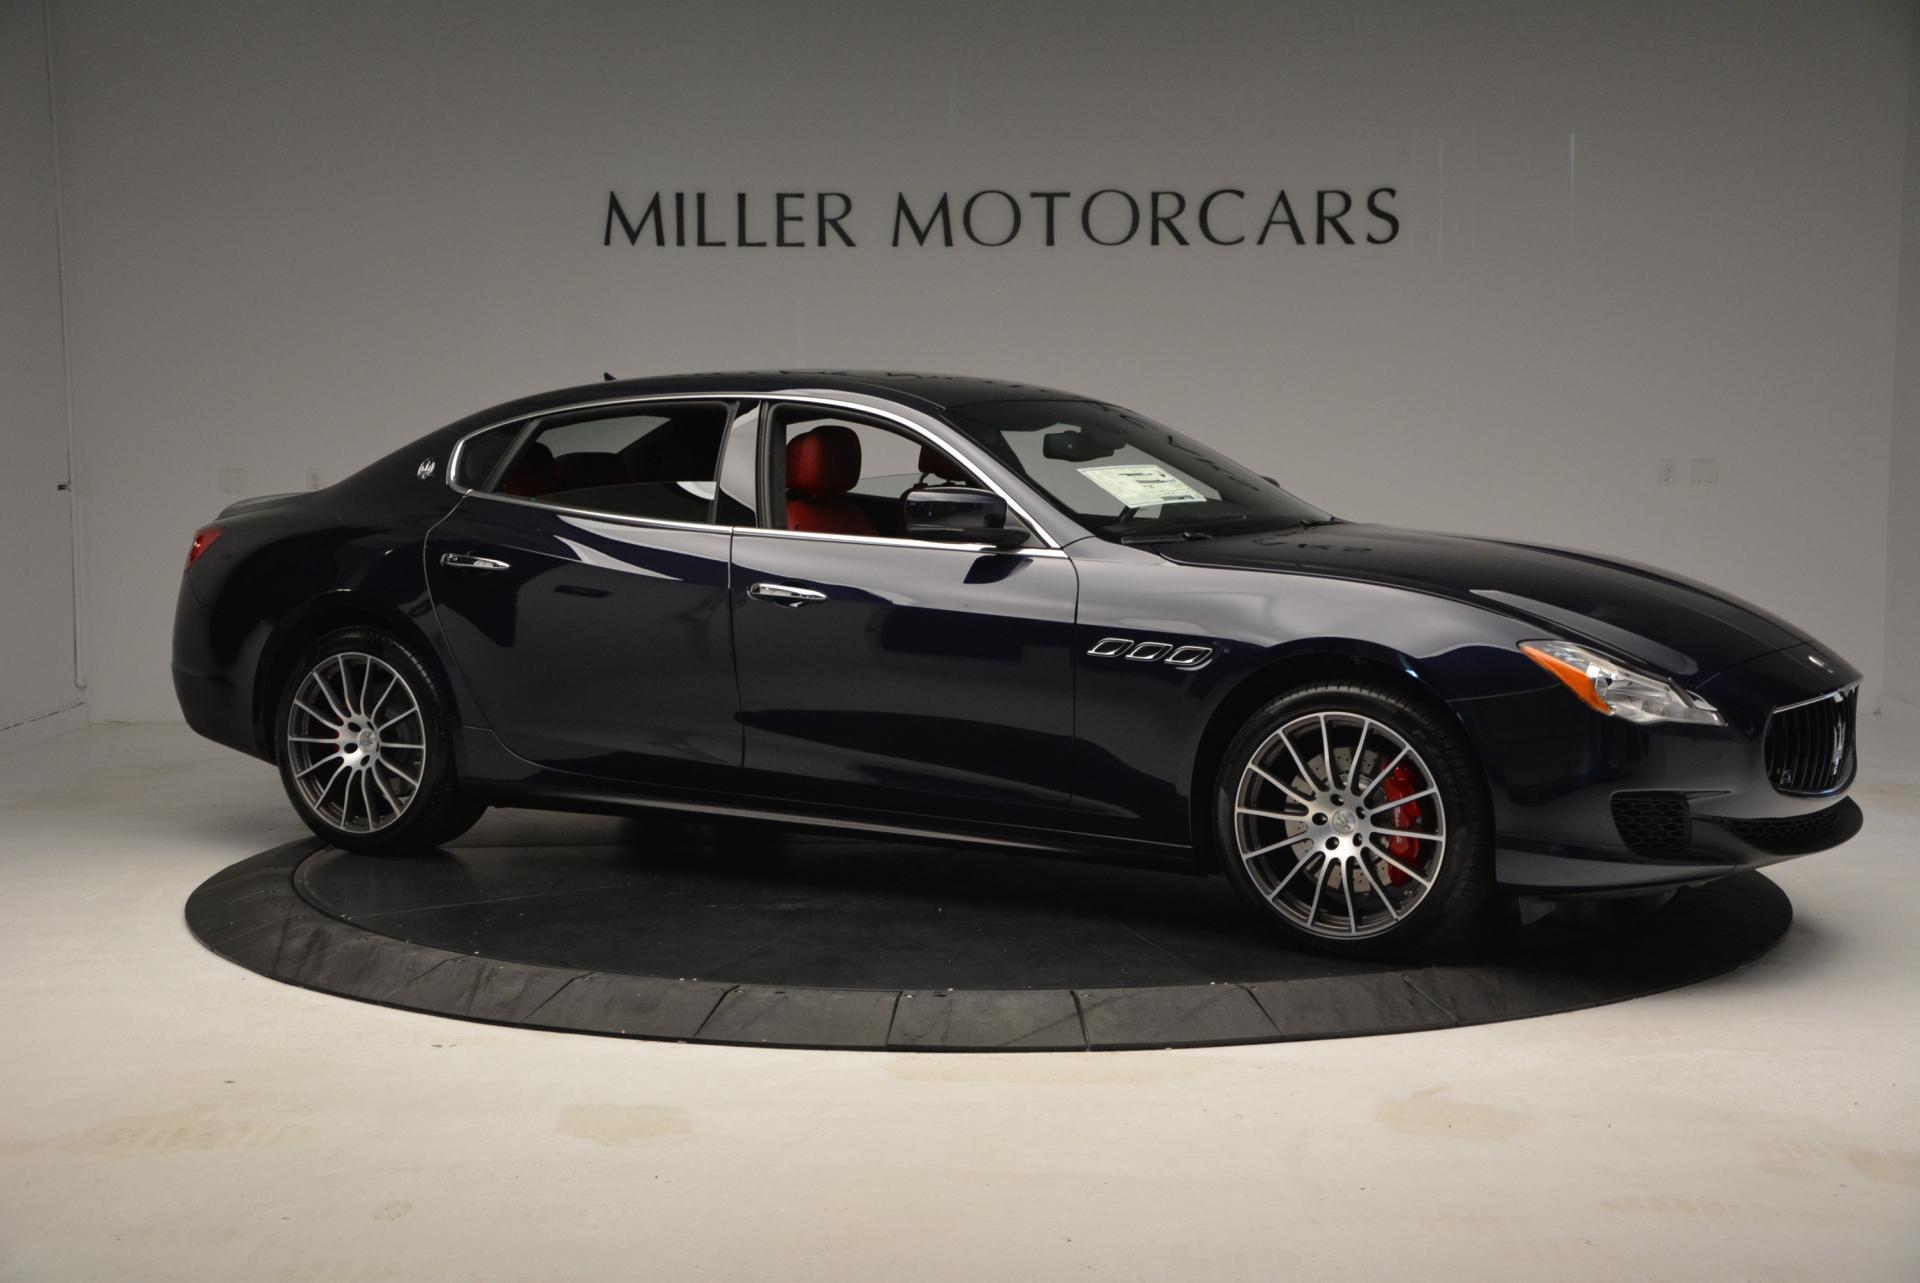 New 2016 Maserati Quattroporte S Q4  *******      DEALER'S  DEMO   Greenwich, CT